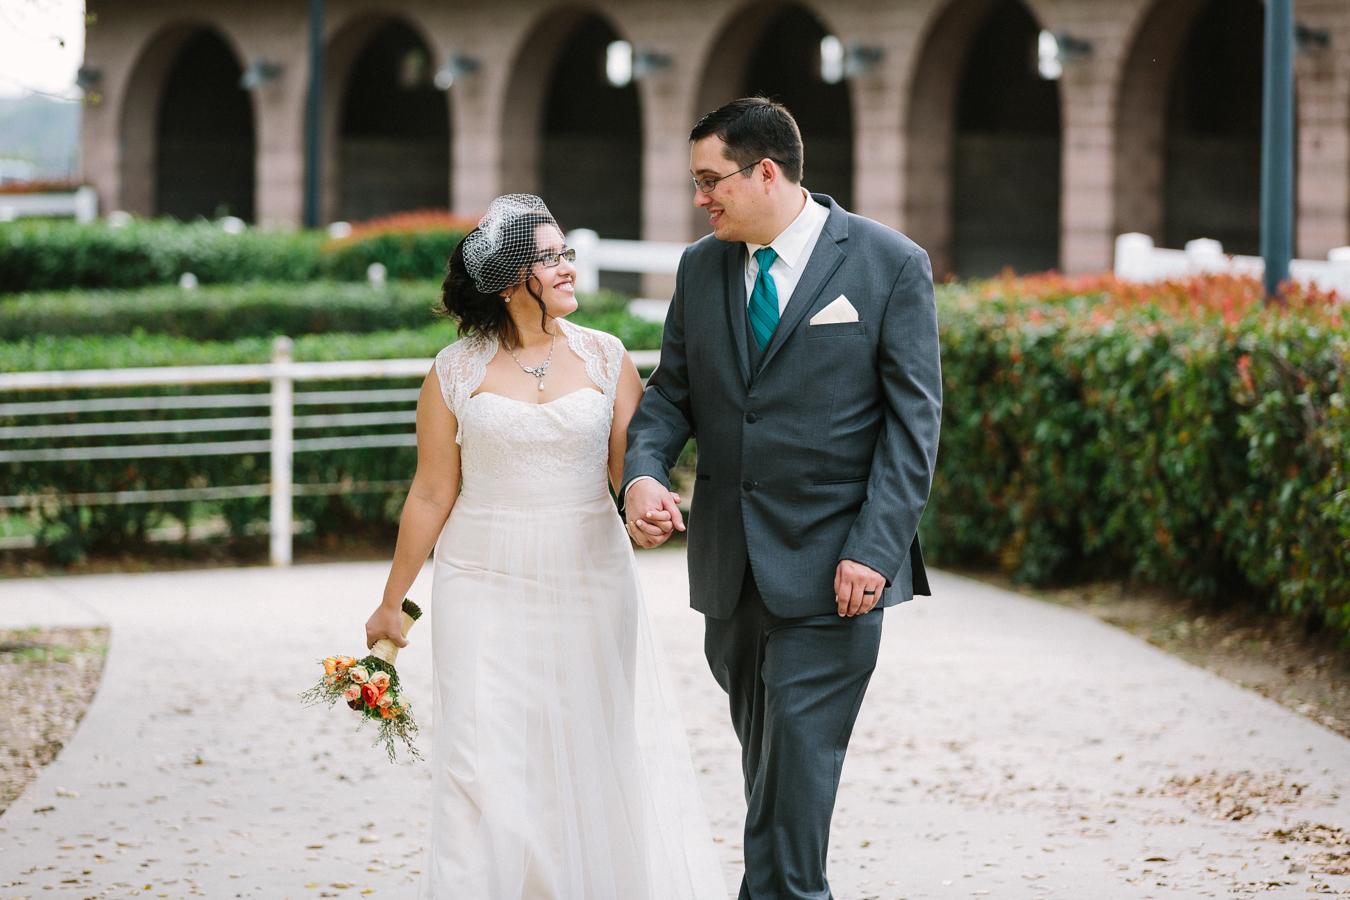 rachel+jason-wedding-cbarronjr-0498.jpg